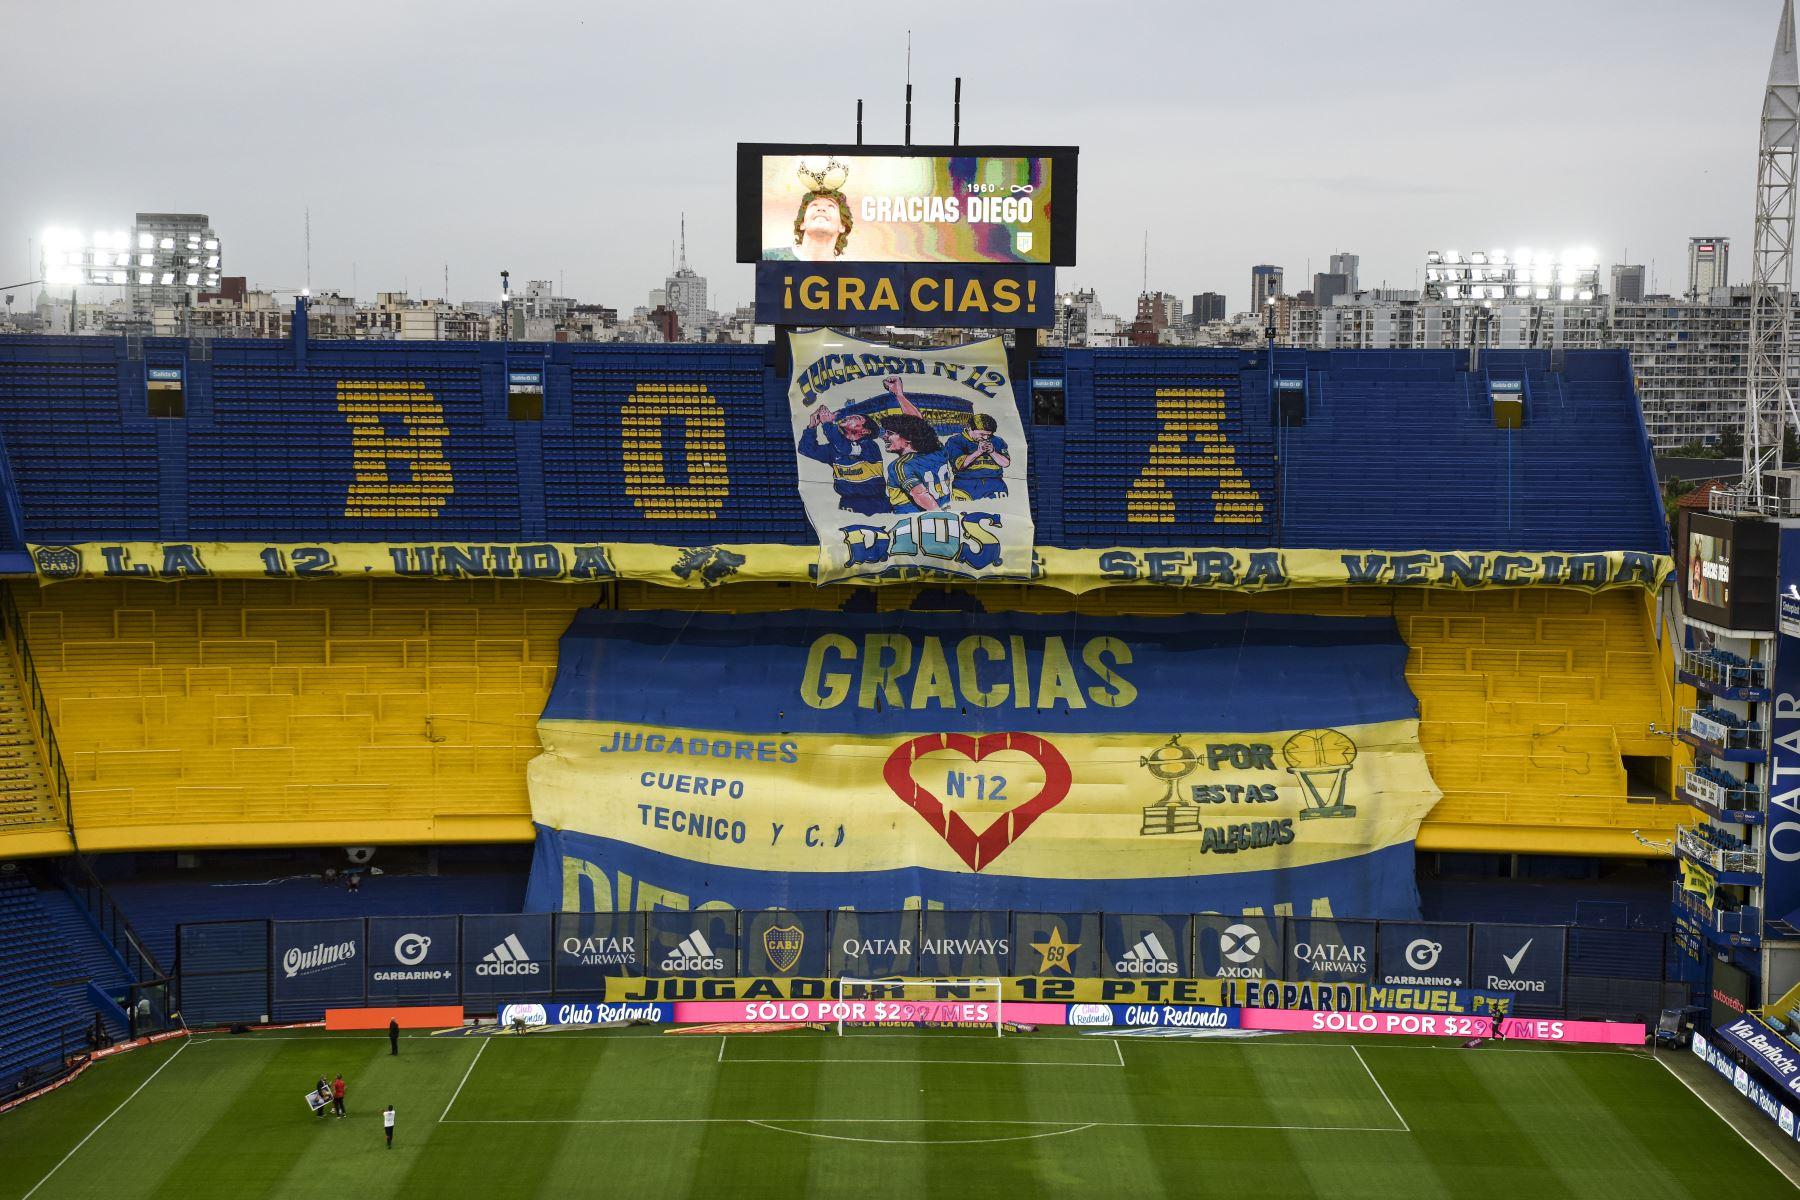 """Una pantalla que lee """"Gracias Diego"""" y una bandera se ven en el estadio La Bombonera para rendir homenaje a la leyenda del fútbol argentino Diego Maradona antes del partido de fútbol Copa Diego Maradona 2020 entre Boca Juniors y Newell"""